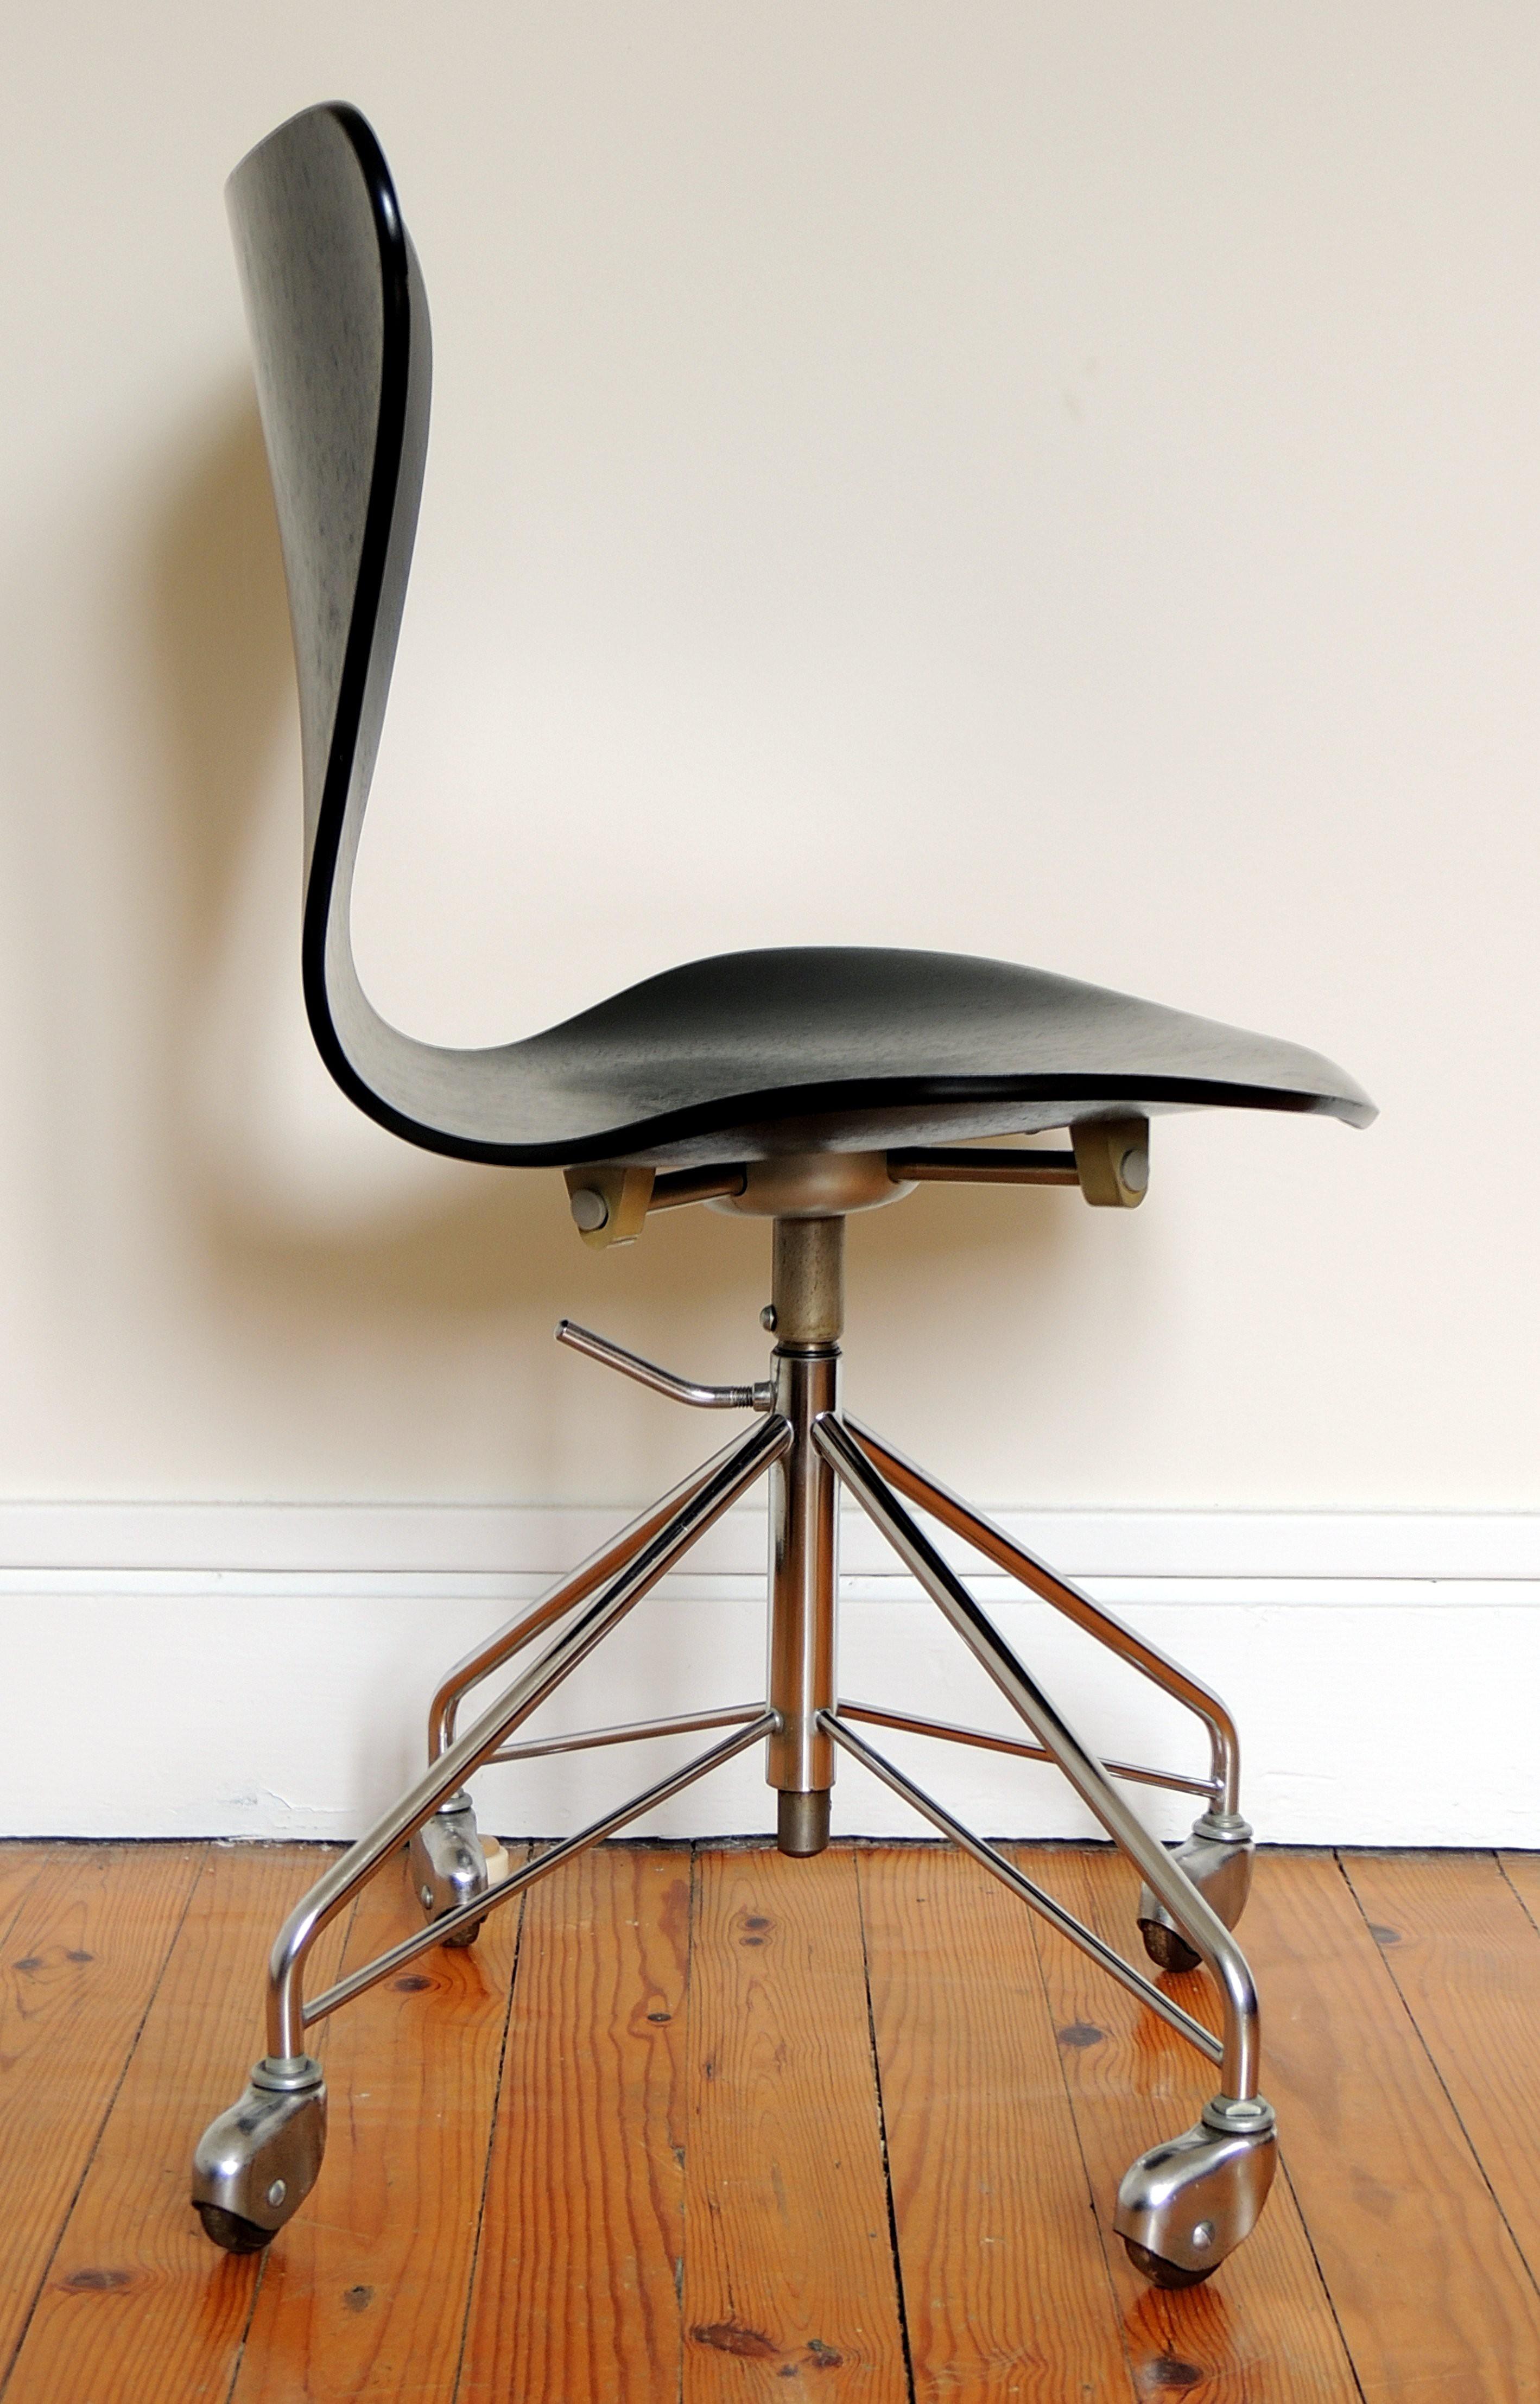 Fritz Hansen Quot 3117 Quot Swivel Chair Arne Jacobsen 1950s